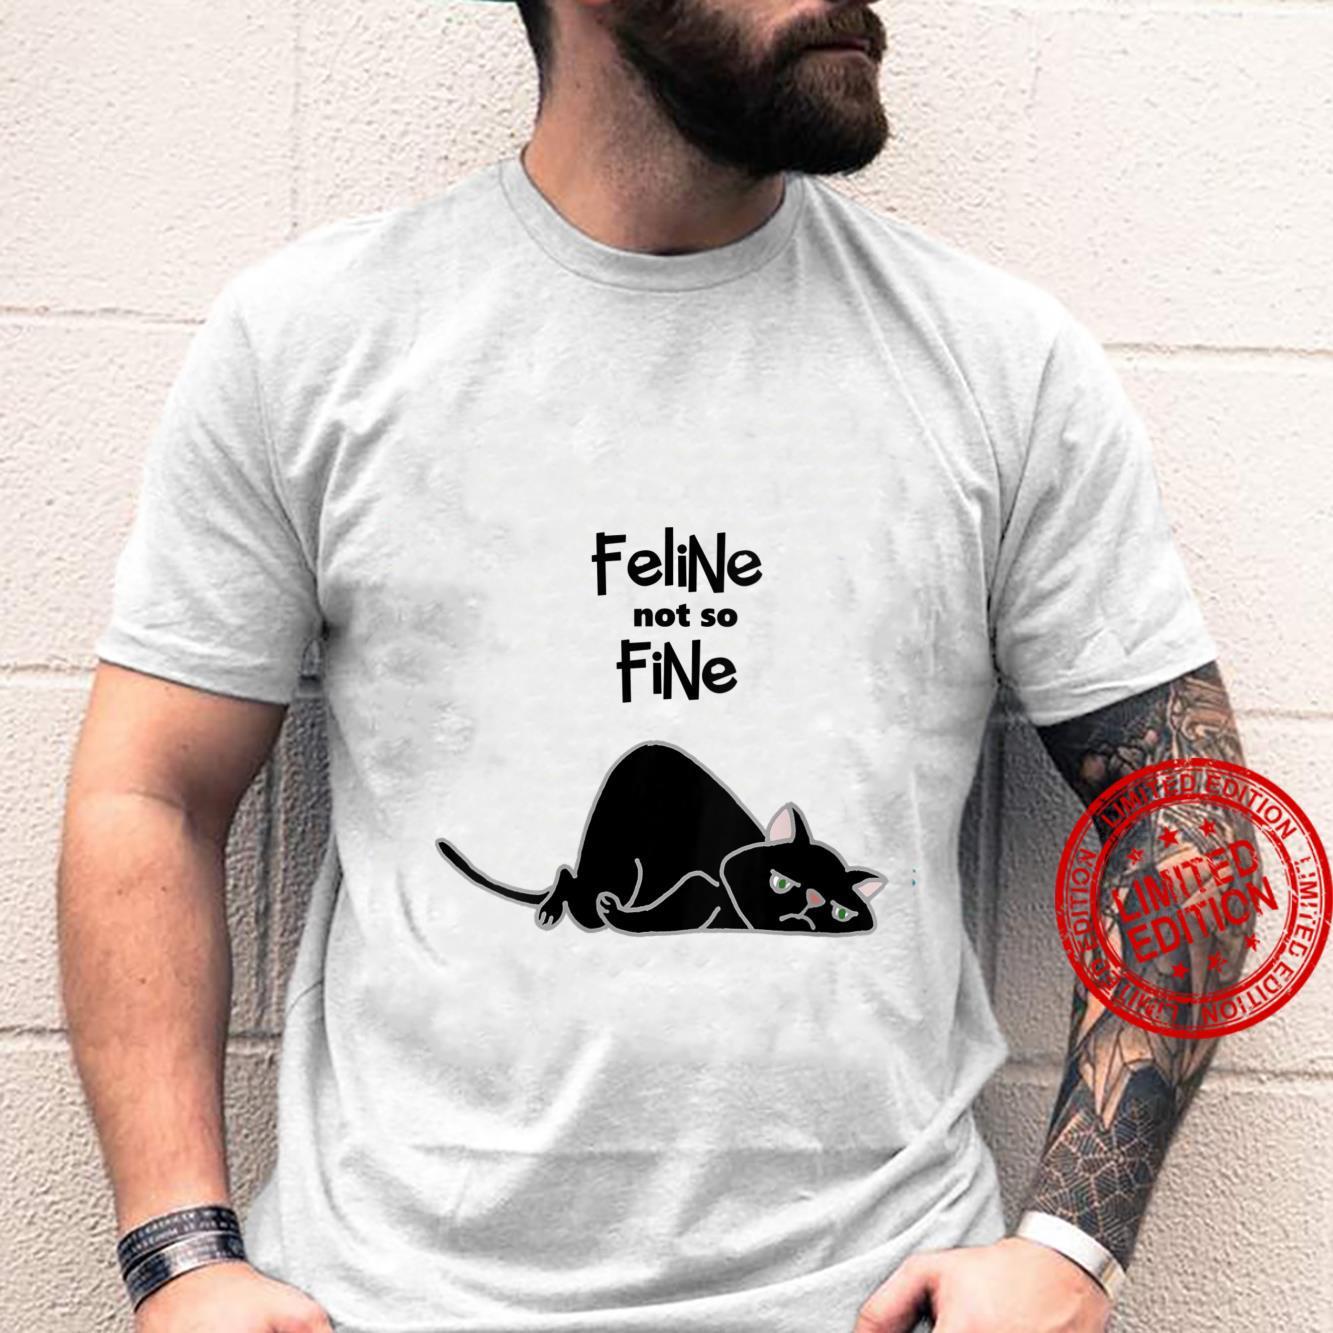 Womens Smileteesfunny Feline Not so Fine Black Cat Pun Shirt